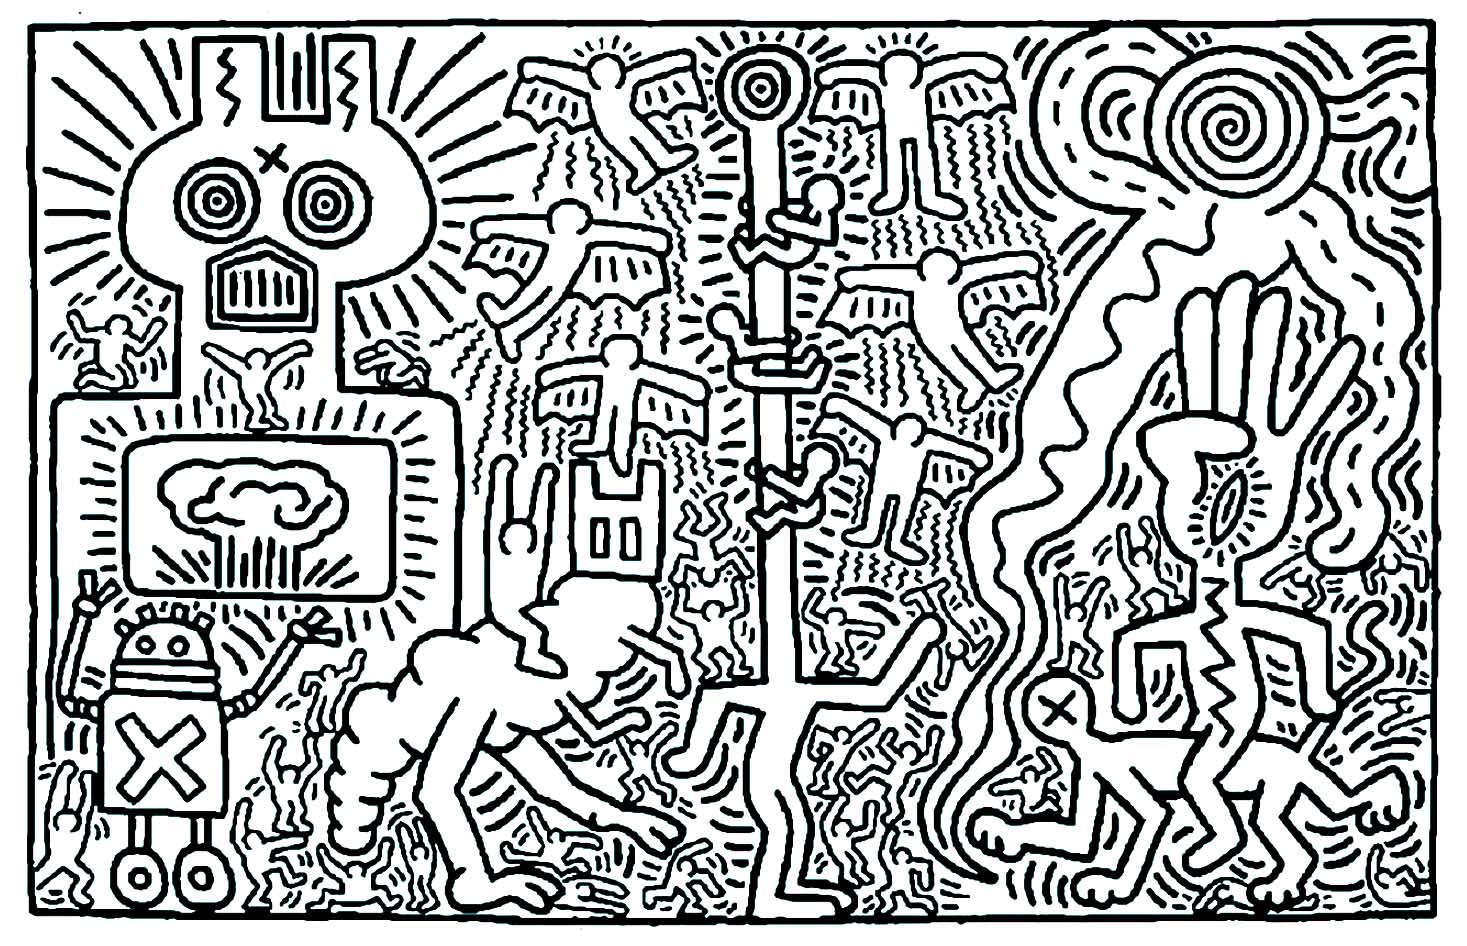 Coloriage créé à partir d'une oeuvre de Keith Haring